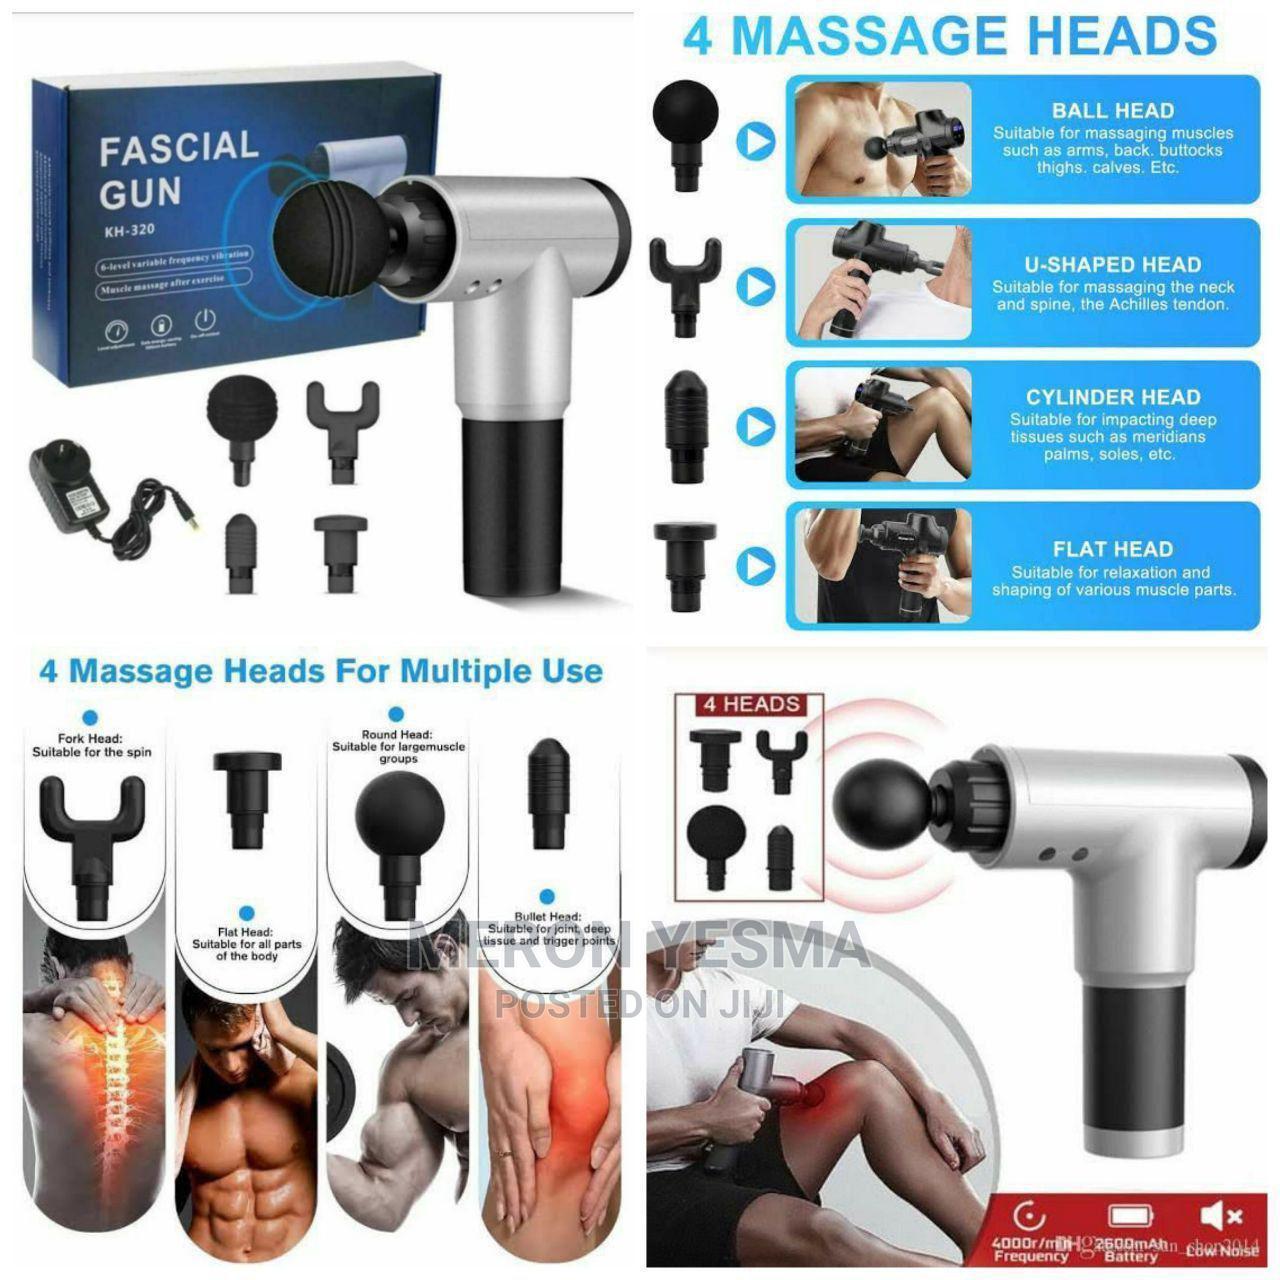 Facial Gun Massager